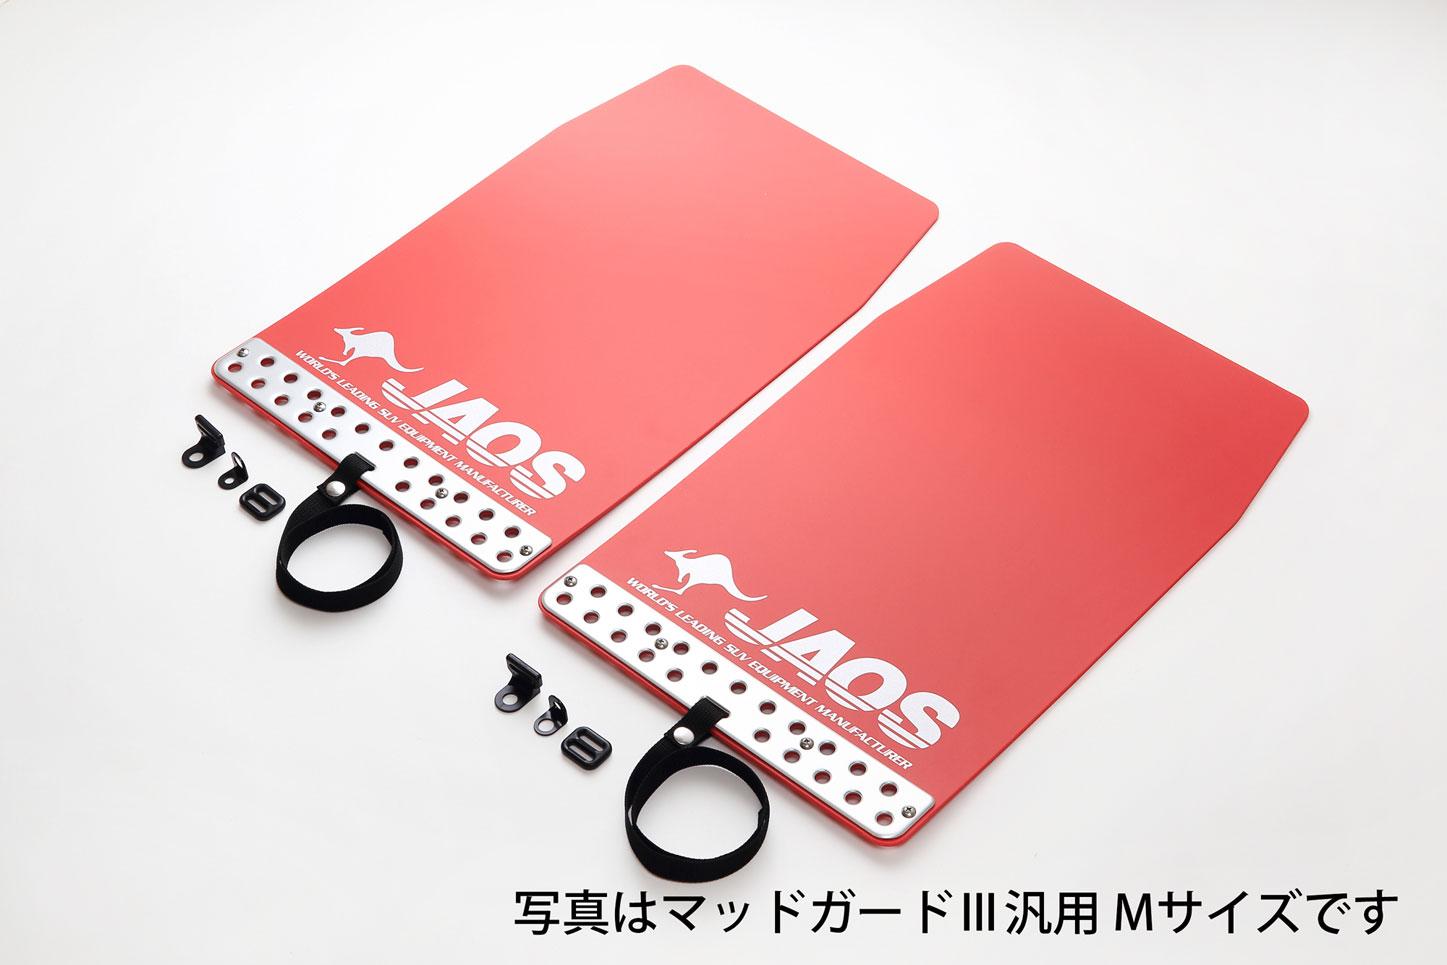 JAOS ジャオス マッドガード3 リヤセット レッド【B621140R】トヨタ C-HR 16/12- ALL